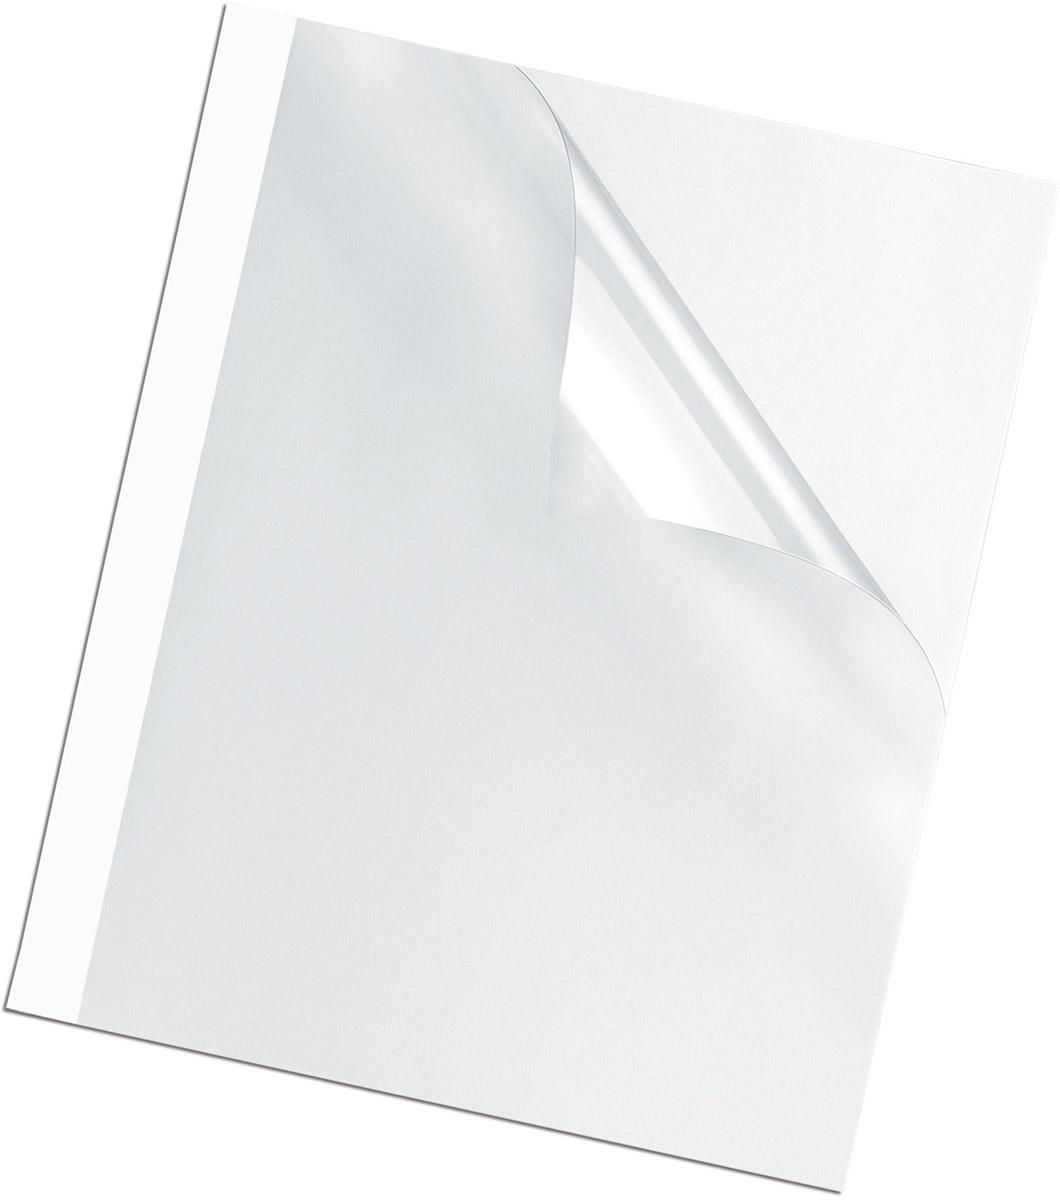 Fellowes A4 FS-53906 обложка для термопереплета, 20 мм (50 шт) fellowes mesh поддерживающая подушка для офисного кресла